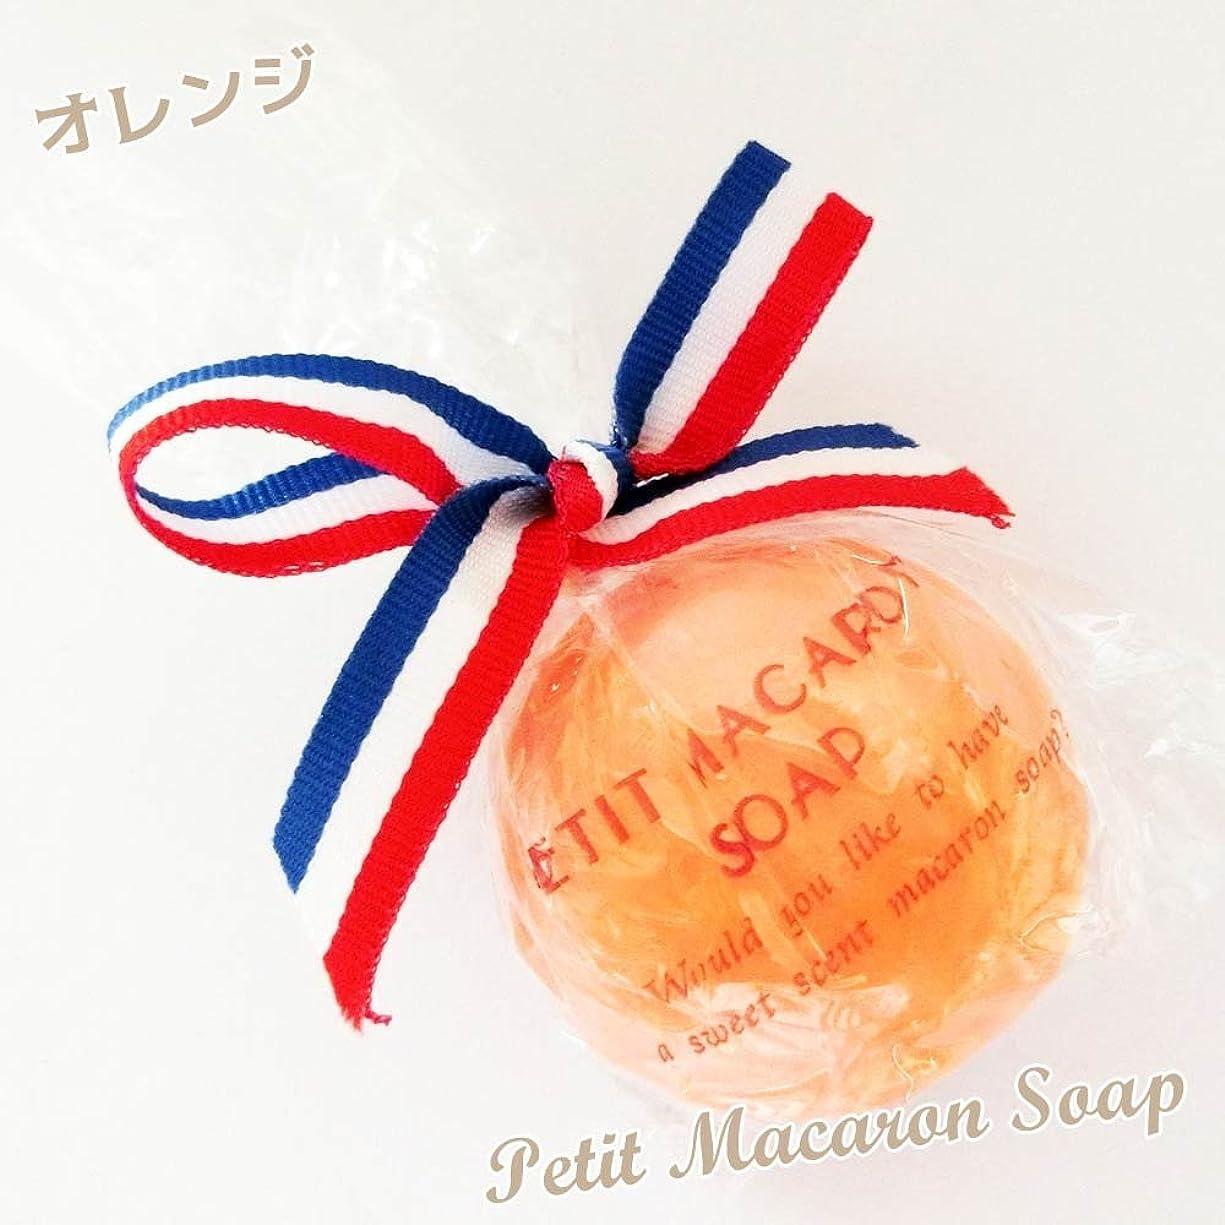 代わりのプレゼント開いたプチマカロンソープ オレンジ 22g